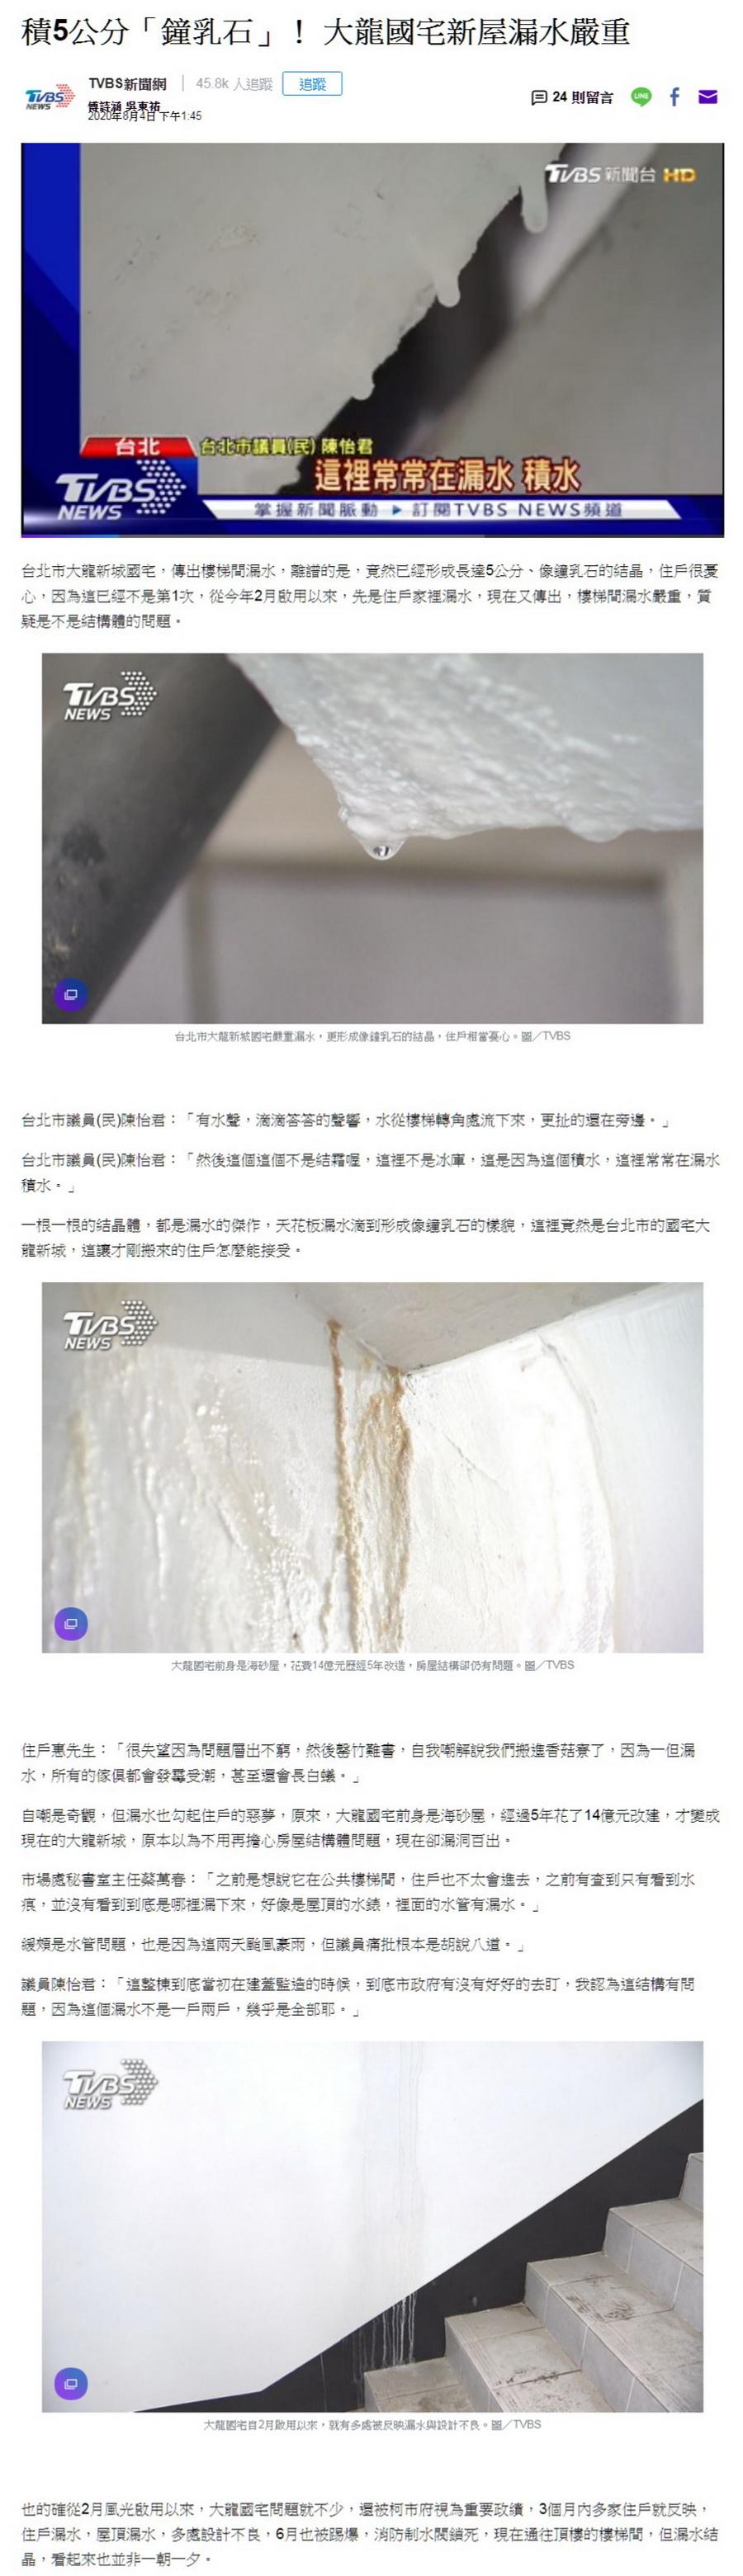 積5公分「鐘乳石」! 大龍國宅新屋漏水嚴重 - Yahoo奇摩新聞 -2020.08.04.jpg